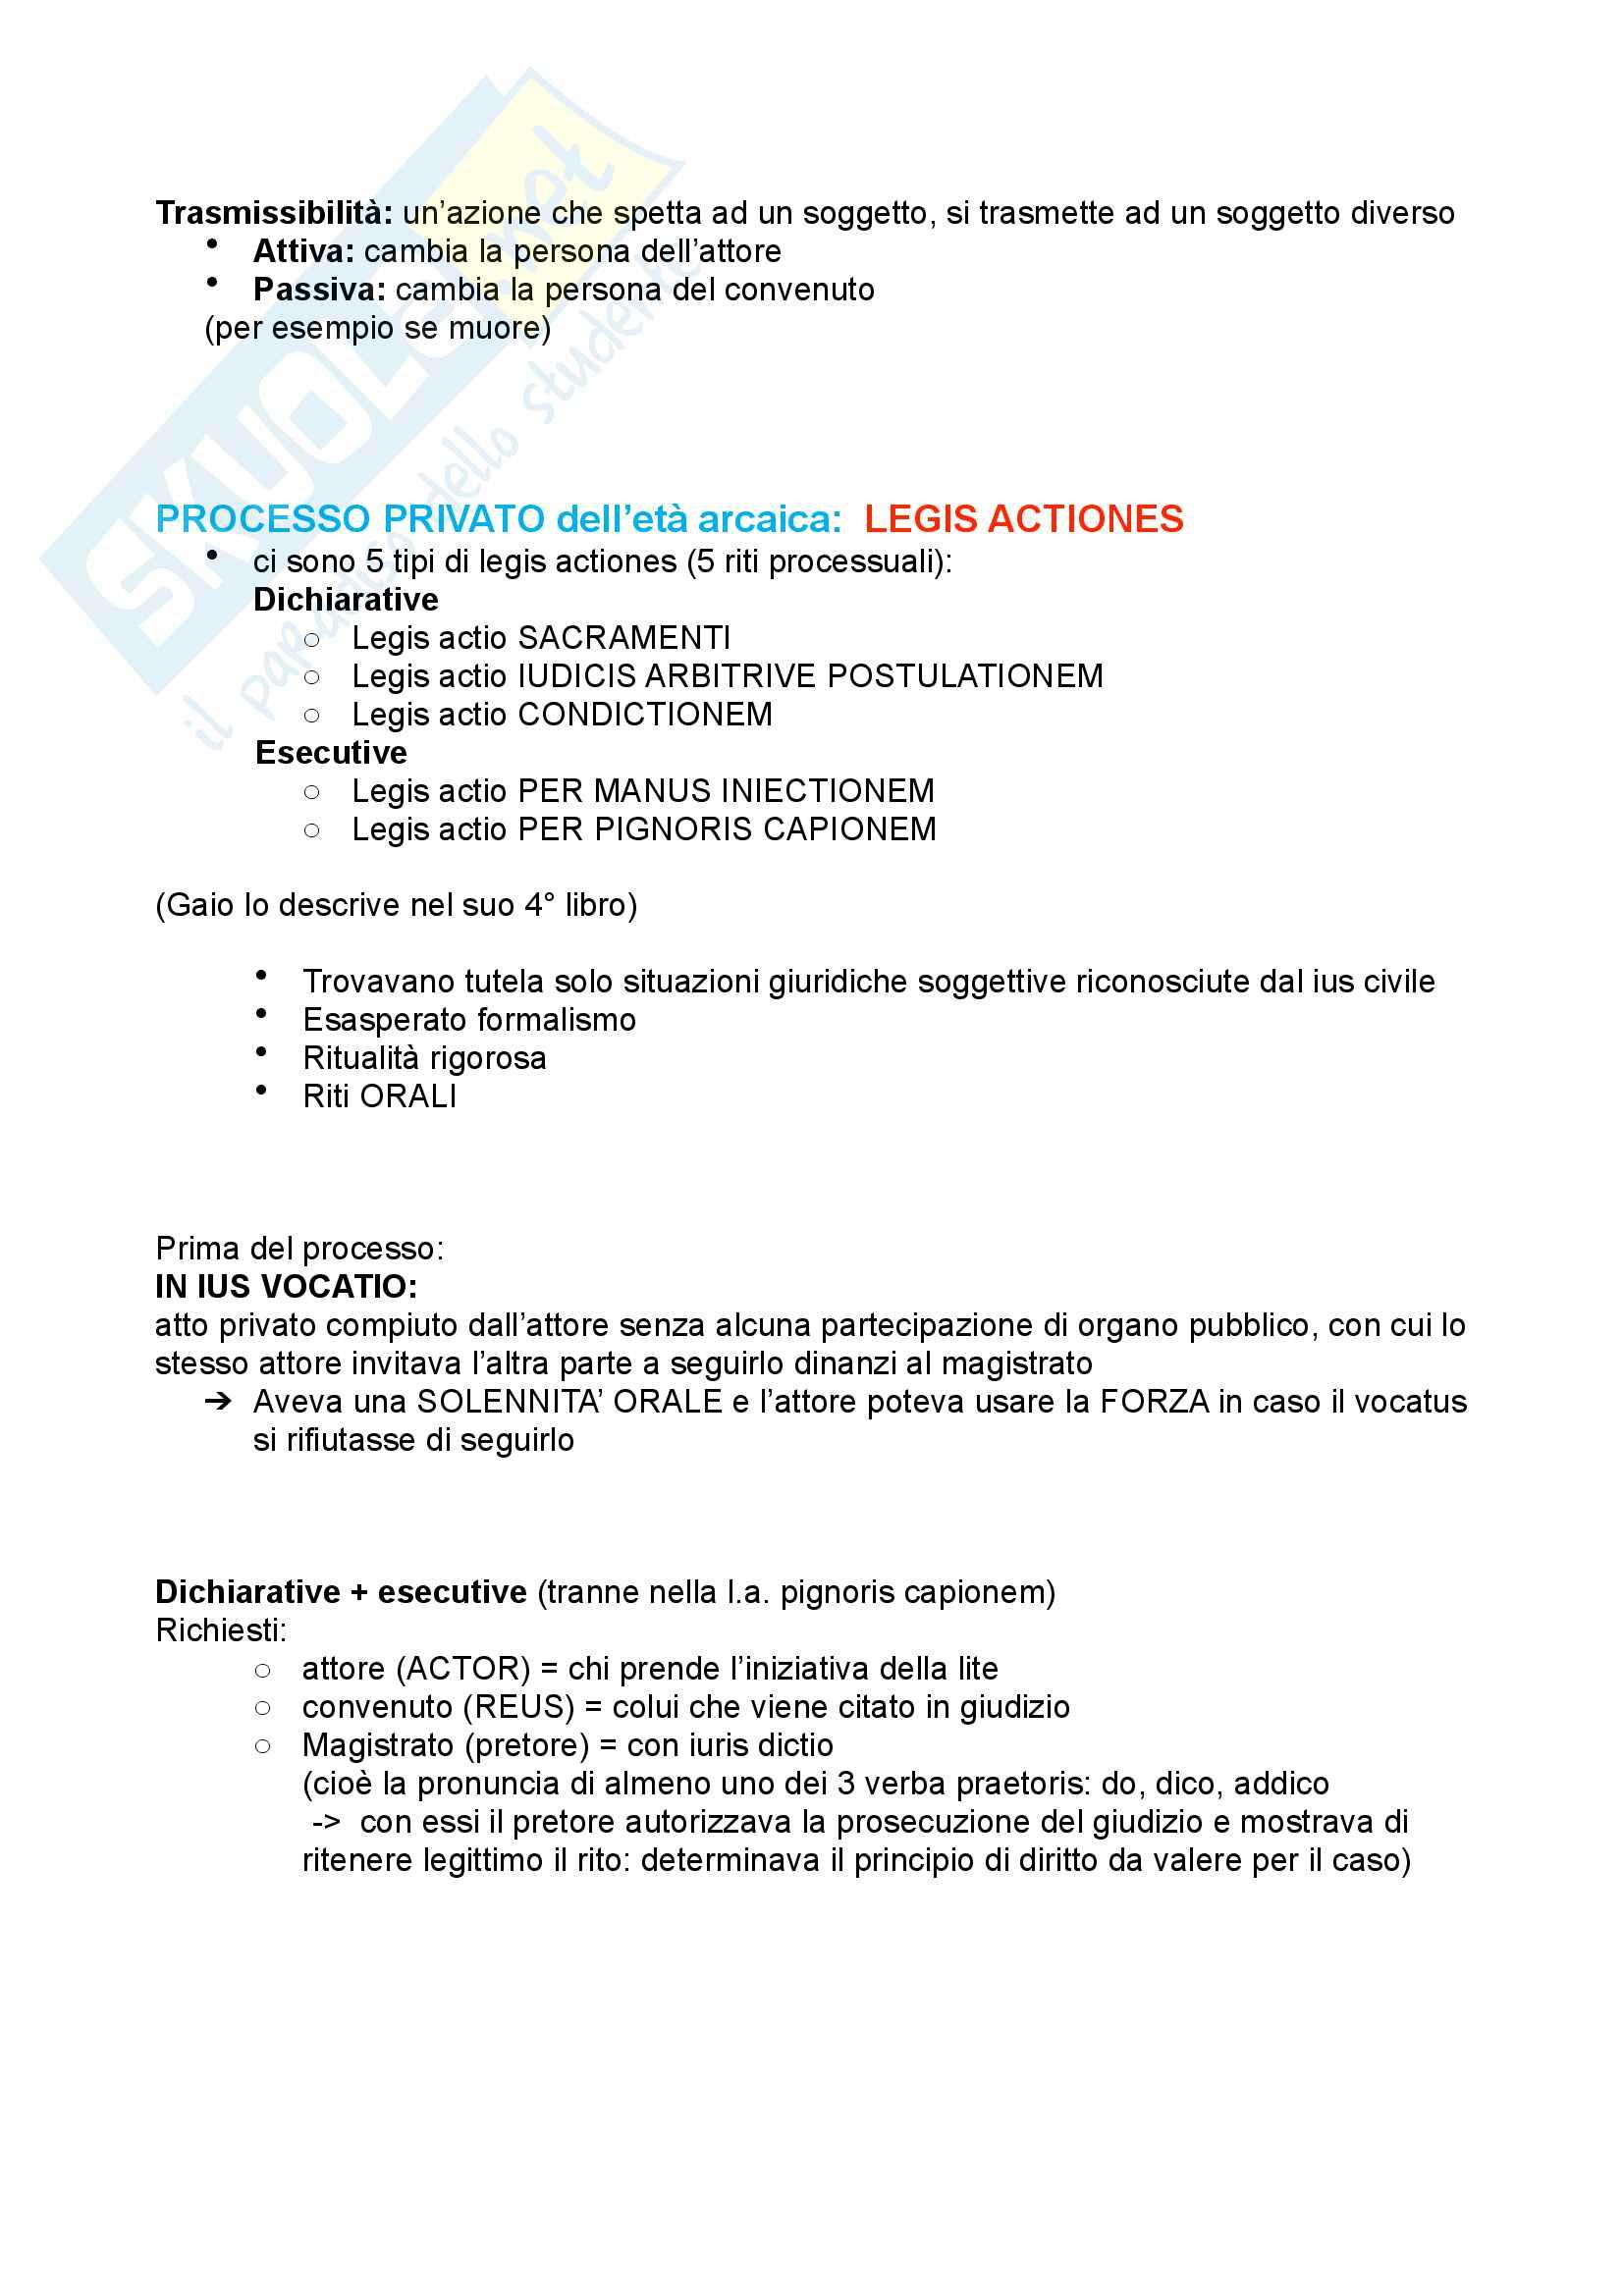 Processo diritto romano (legis actiones e formulare) Pag. 2